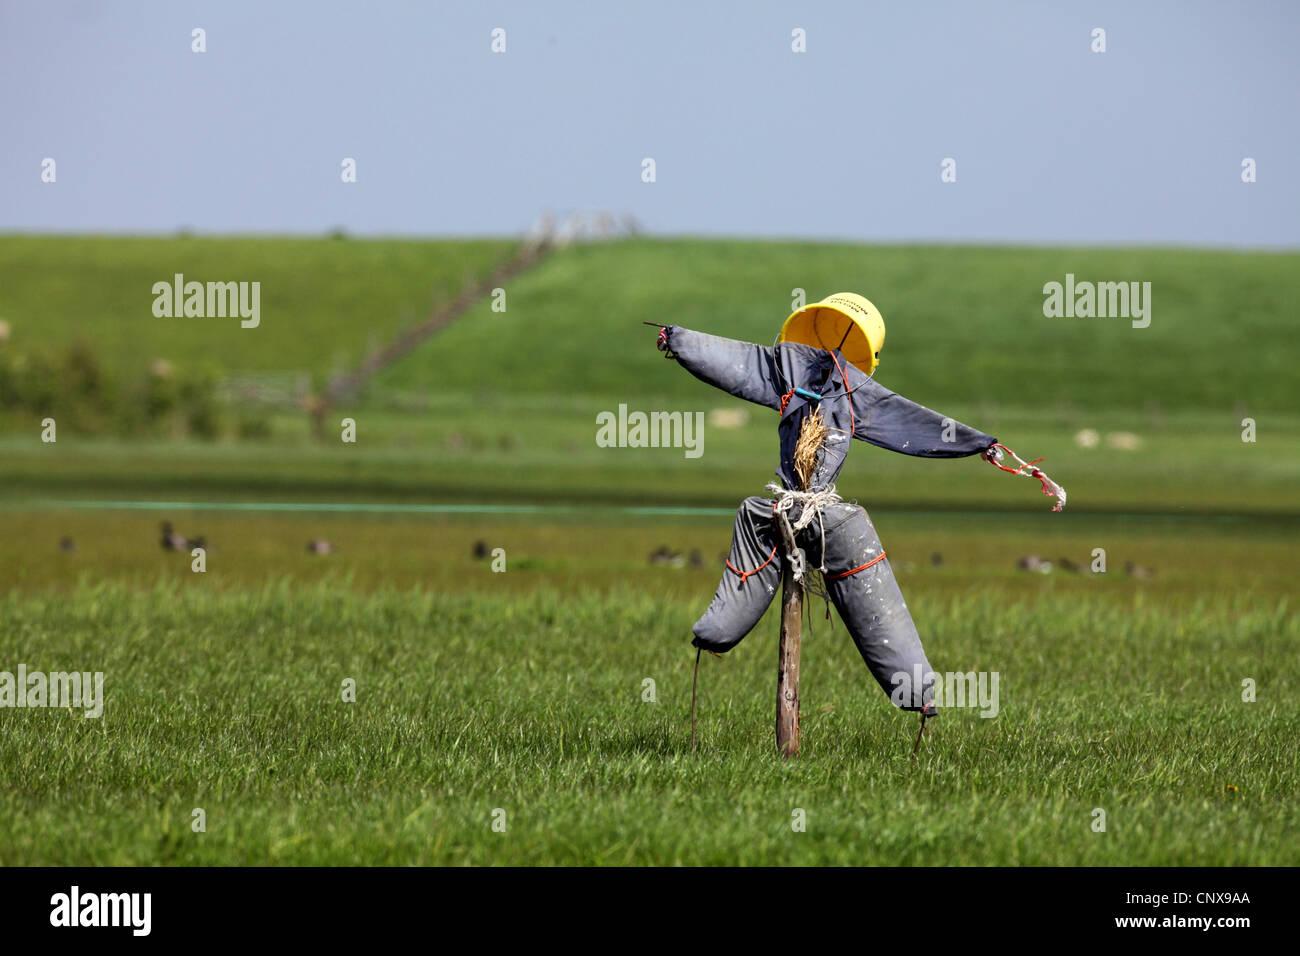 Espantapájaros en un campo, Holanda, Texel Foto de stock